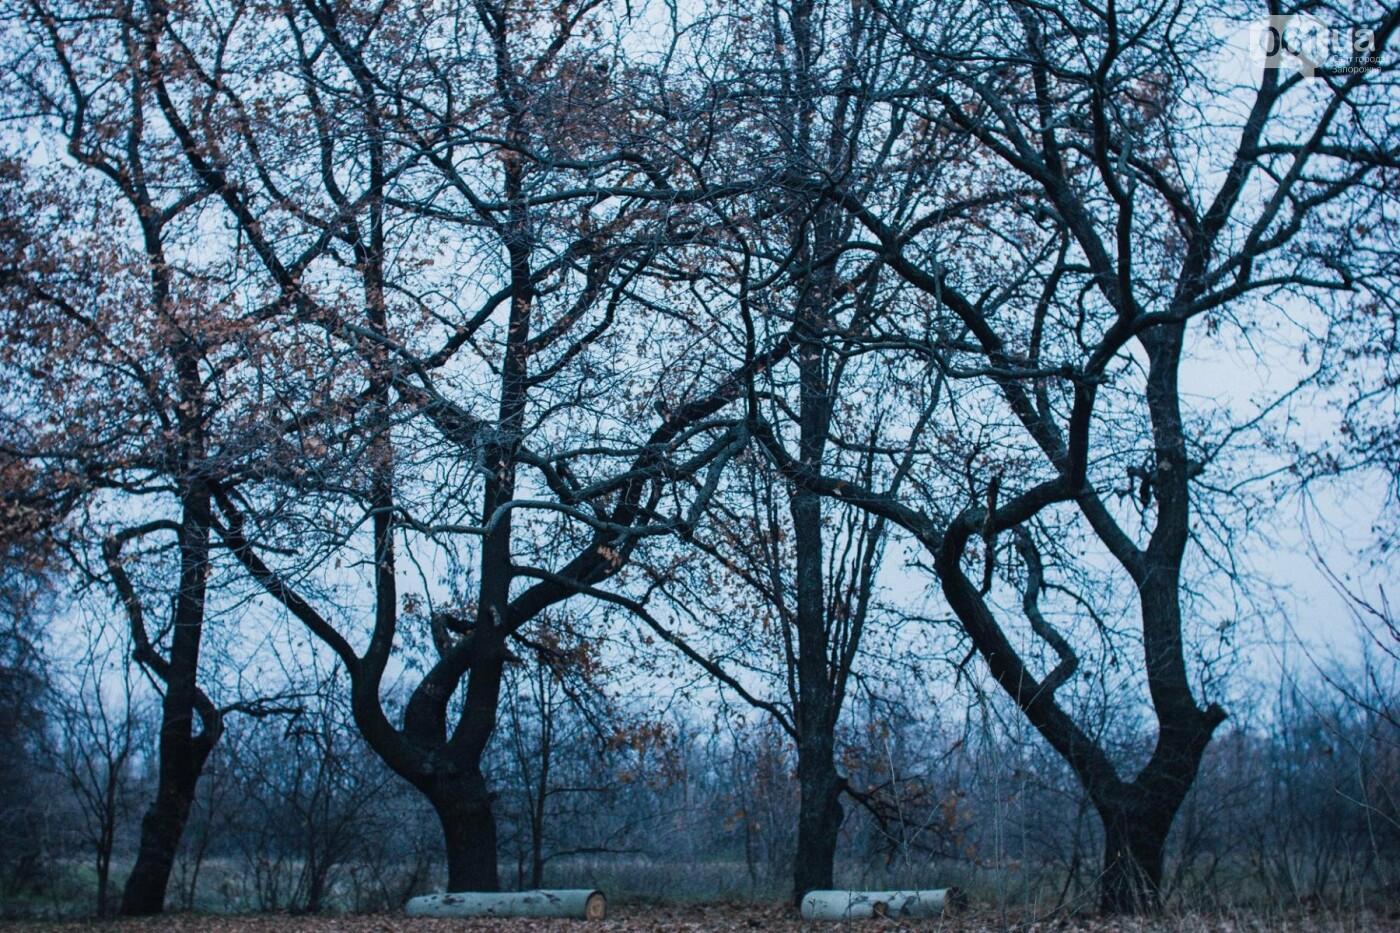 Четыре дня до зимы: как выглядит Хортица поздней осенью, - ФОТОРЕПОРТАЖ, фото-40